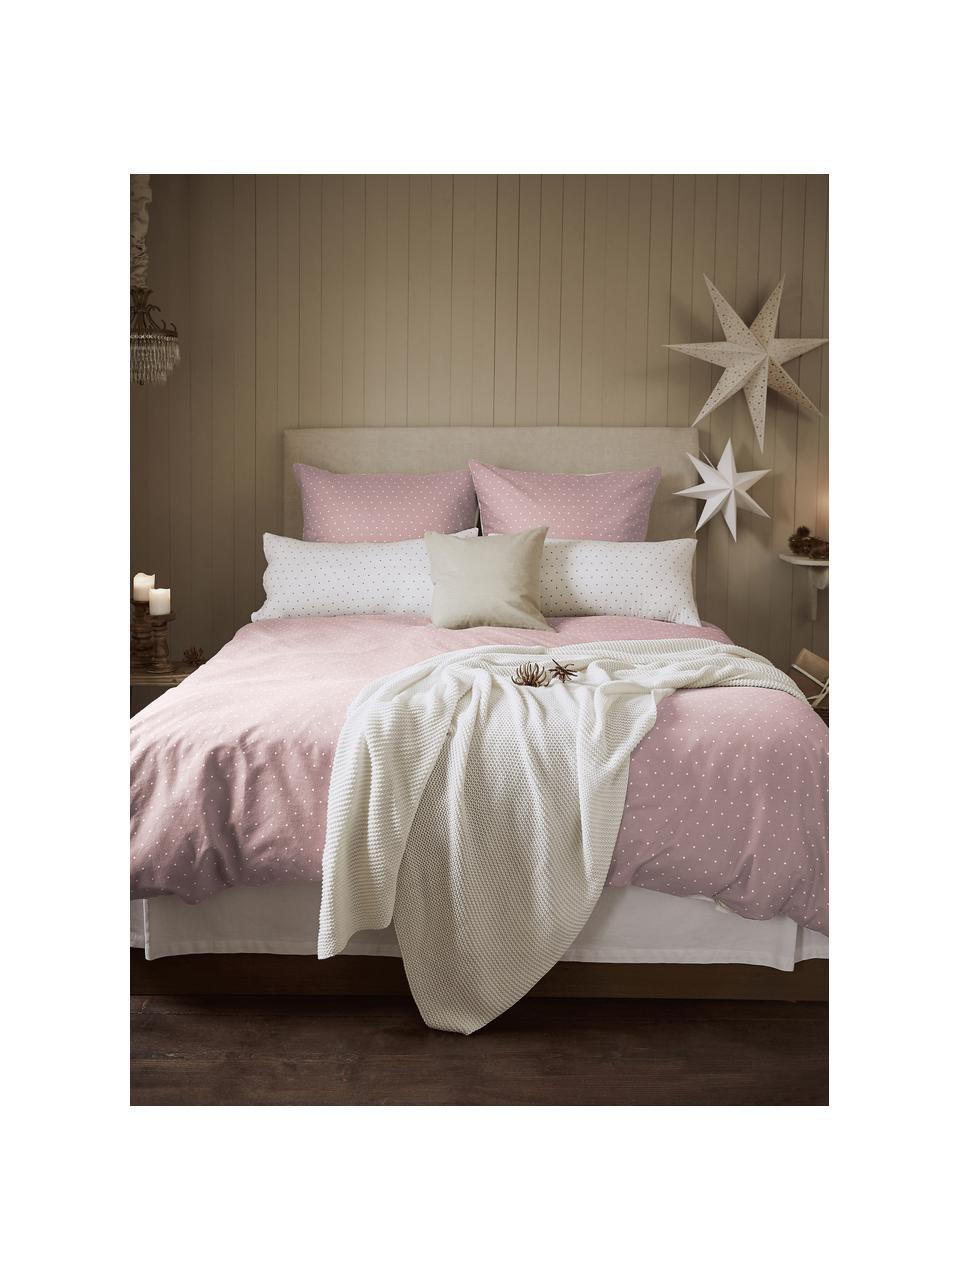 Dwustronna pościel z flaneli Betty, Brudny różowy, biały, 135 x 200 cm + 1 poduszka 80 x 80 cm